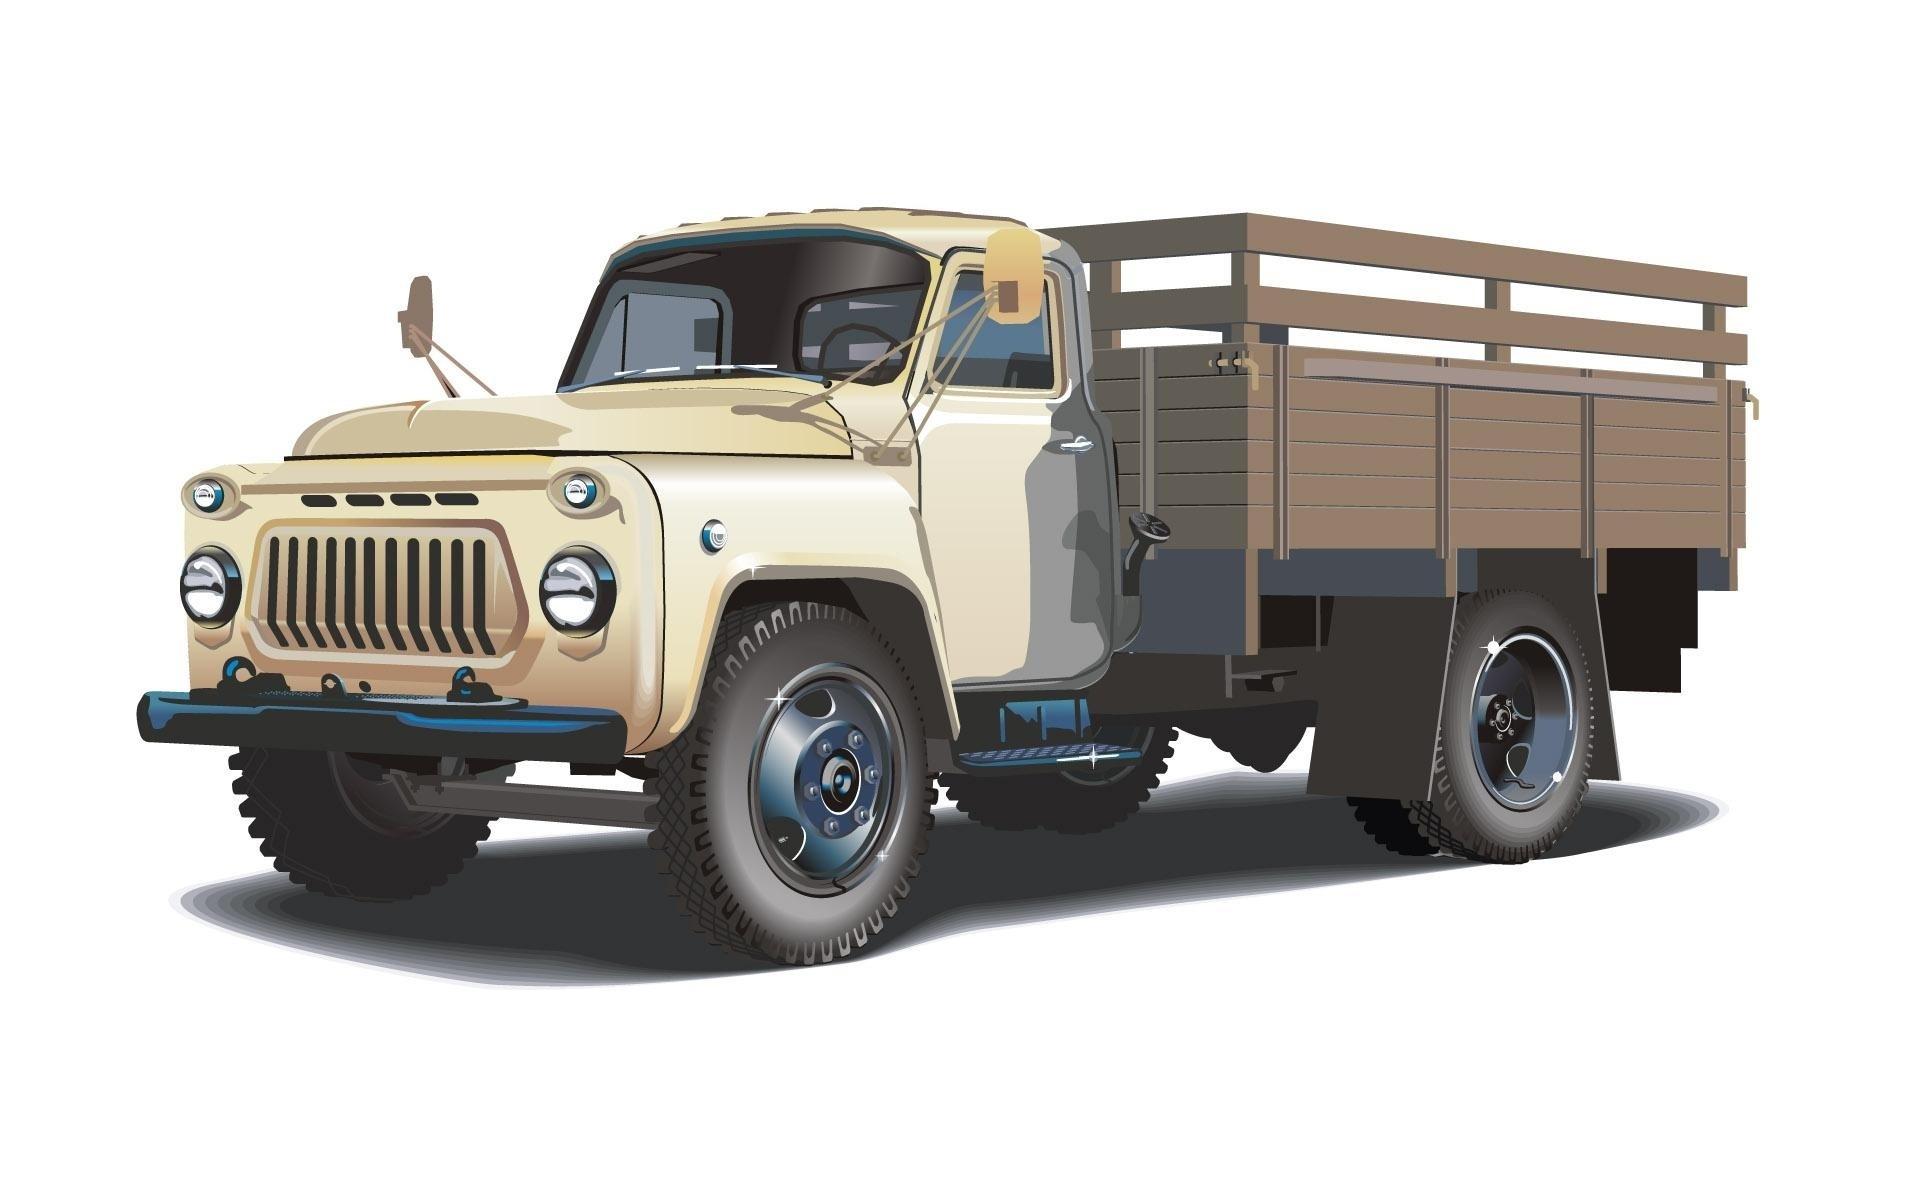 Wallpapers Trucks GAZ 53 Cars 1920x1200